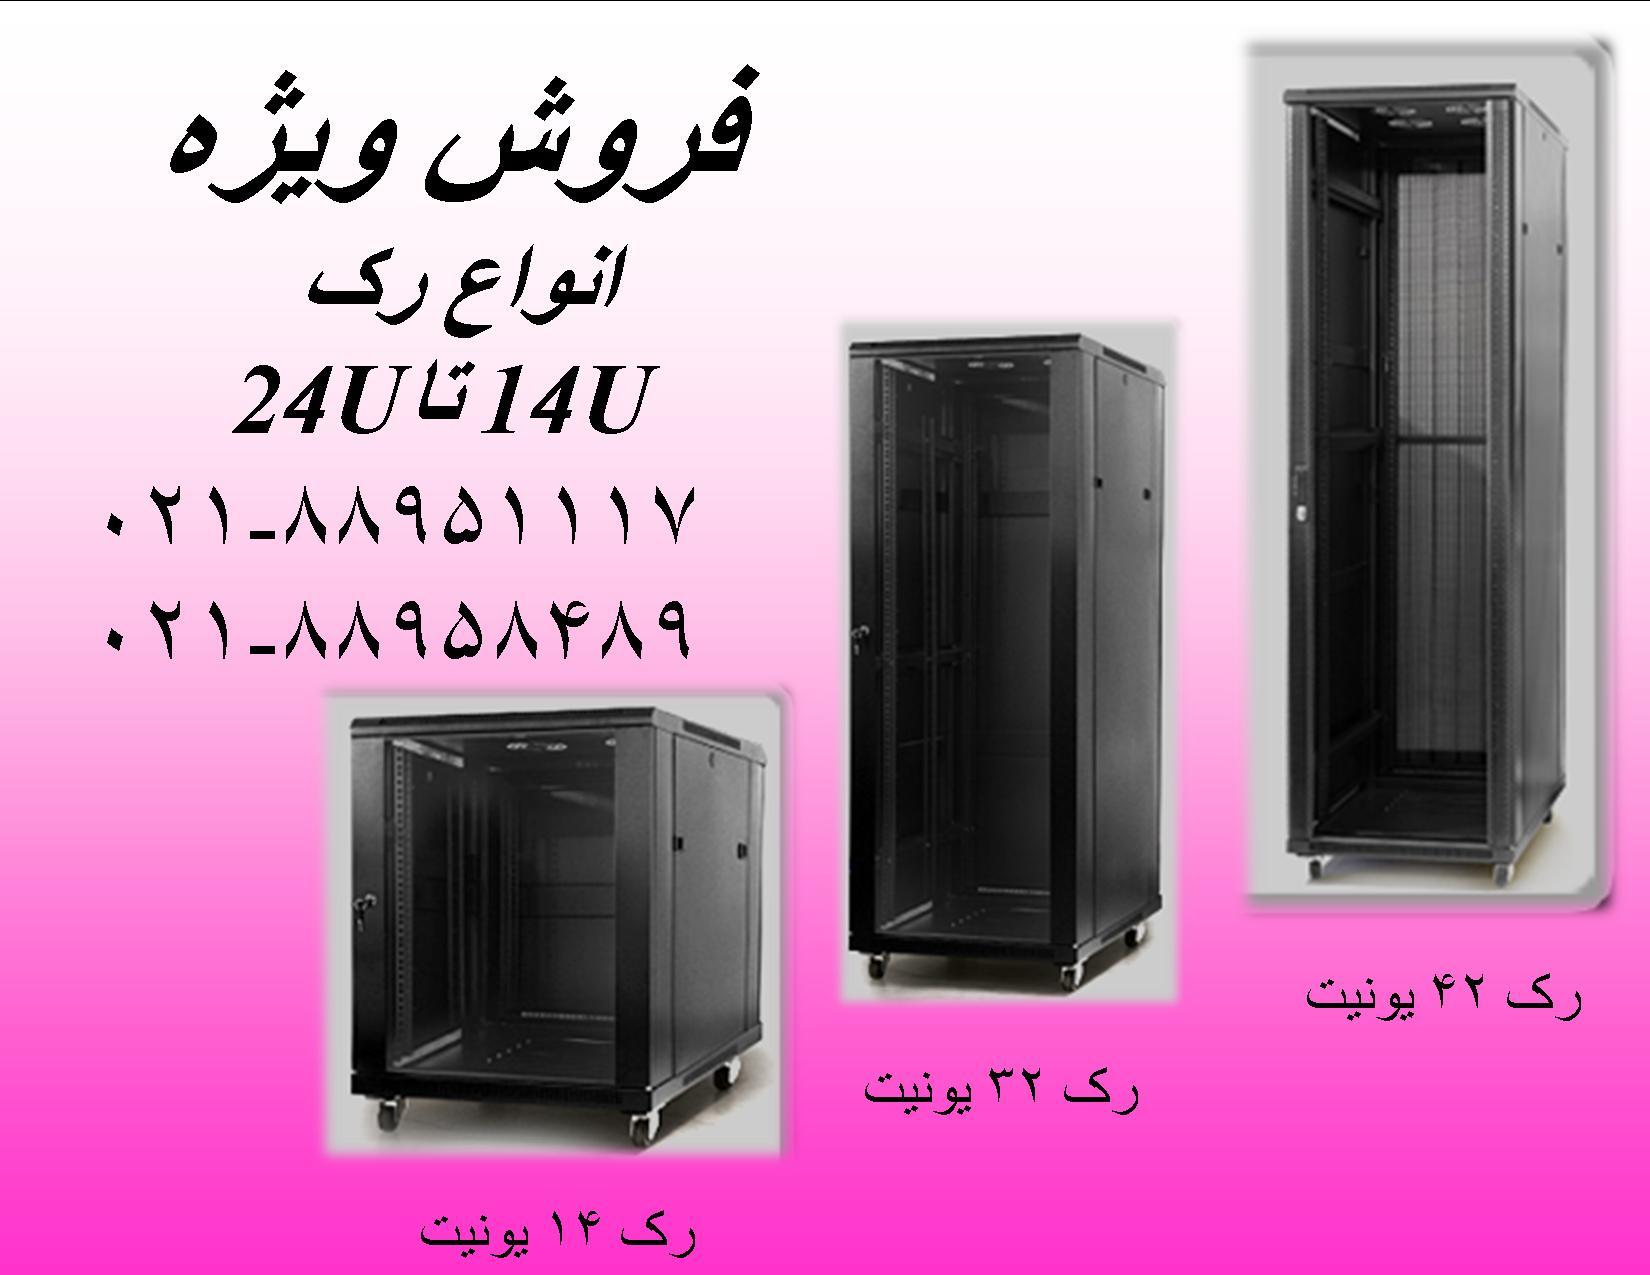 فروش رک  رک شبکه دیواری  رک ایستاده  تلفن : تهران 88951117